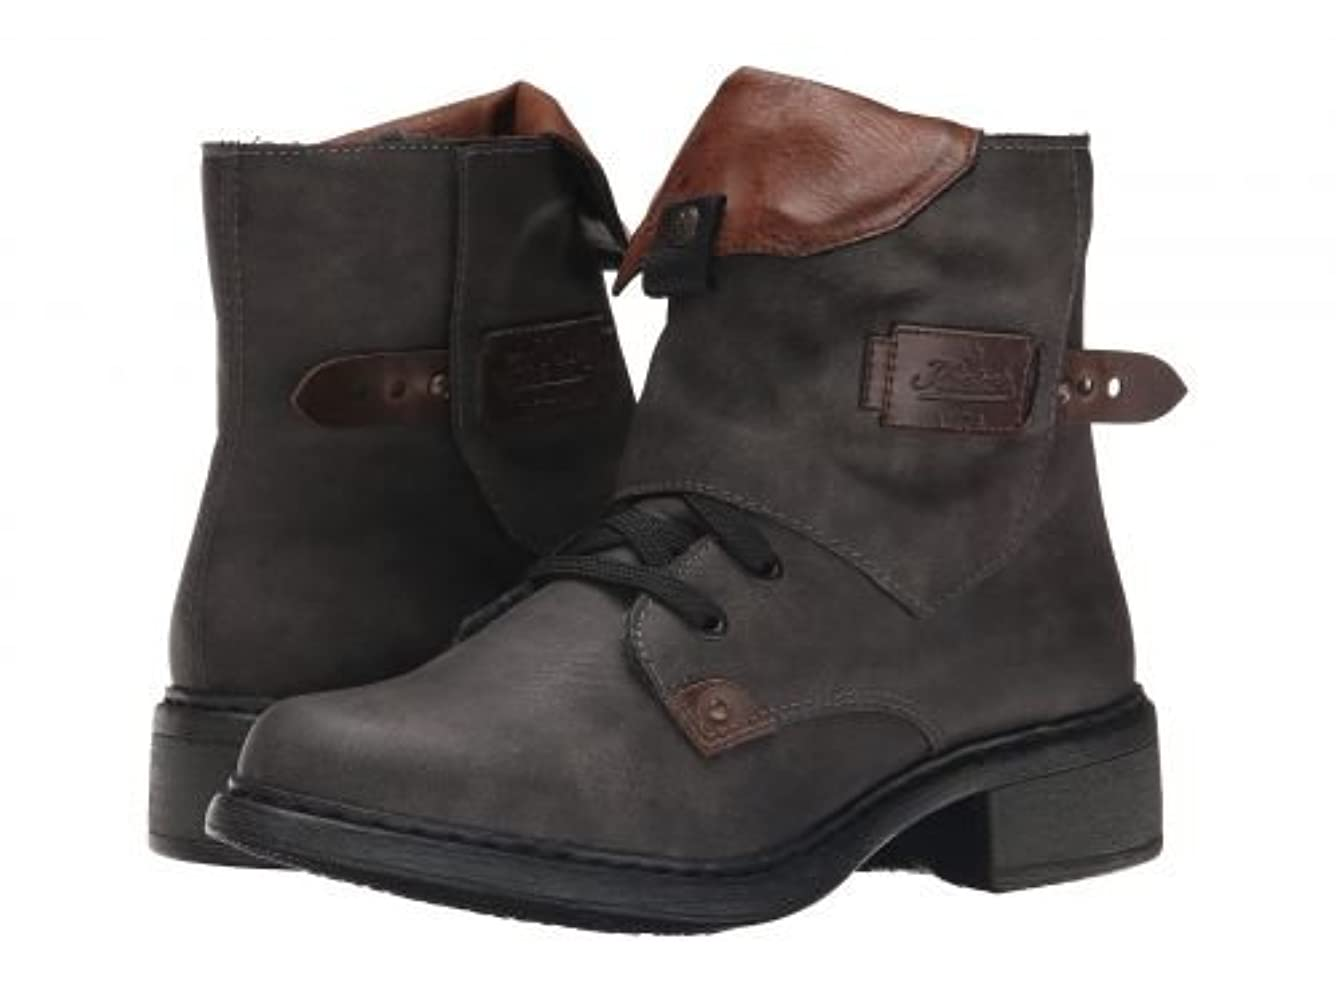 嫌がる預言者かすかなRieker(リーカー) レディース 女性用 シューズ 靴 ブーツ アンクルブーツ ショート Y3242 - Basalt Mendoza/Kastanie Ambor/Brandy Eagle [並行輸入品]